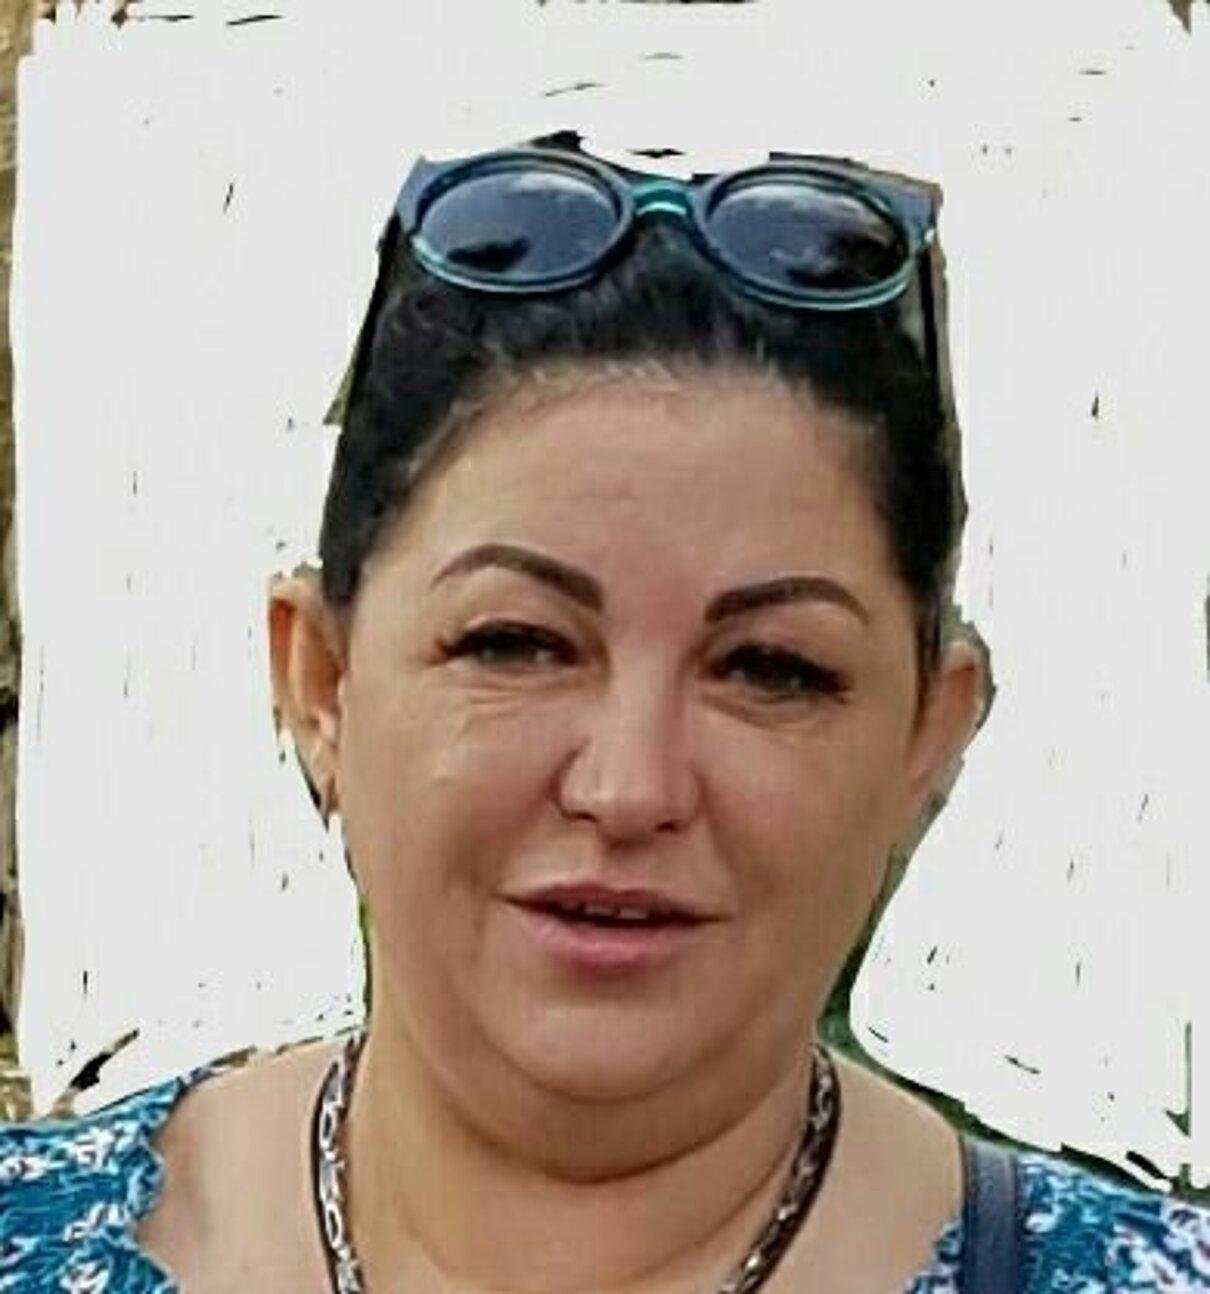 Жалоба-отзыв: Лебеденко Елена - Мошенница.  Фото №1